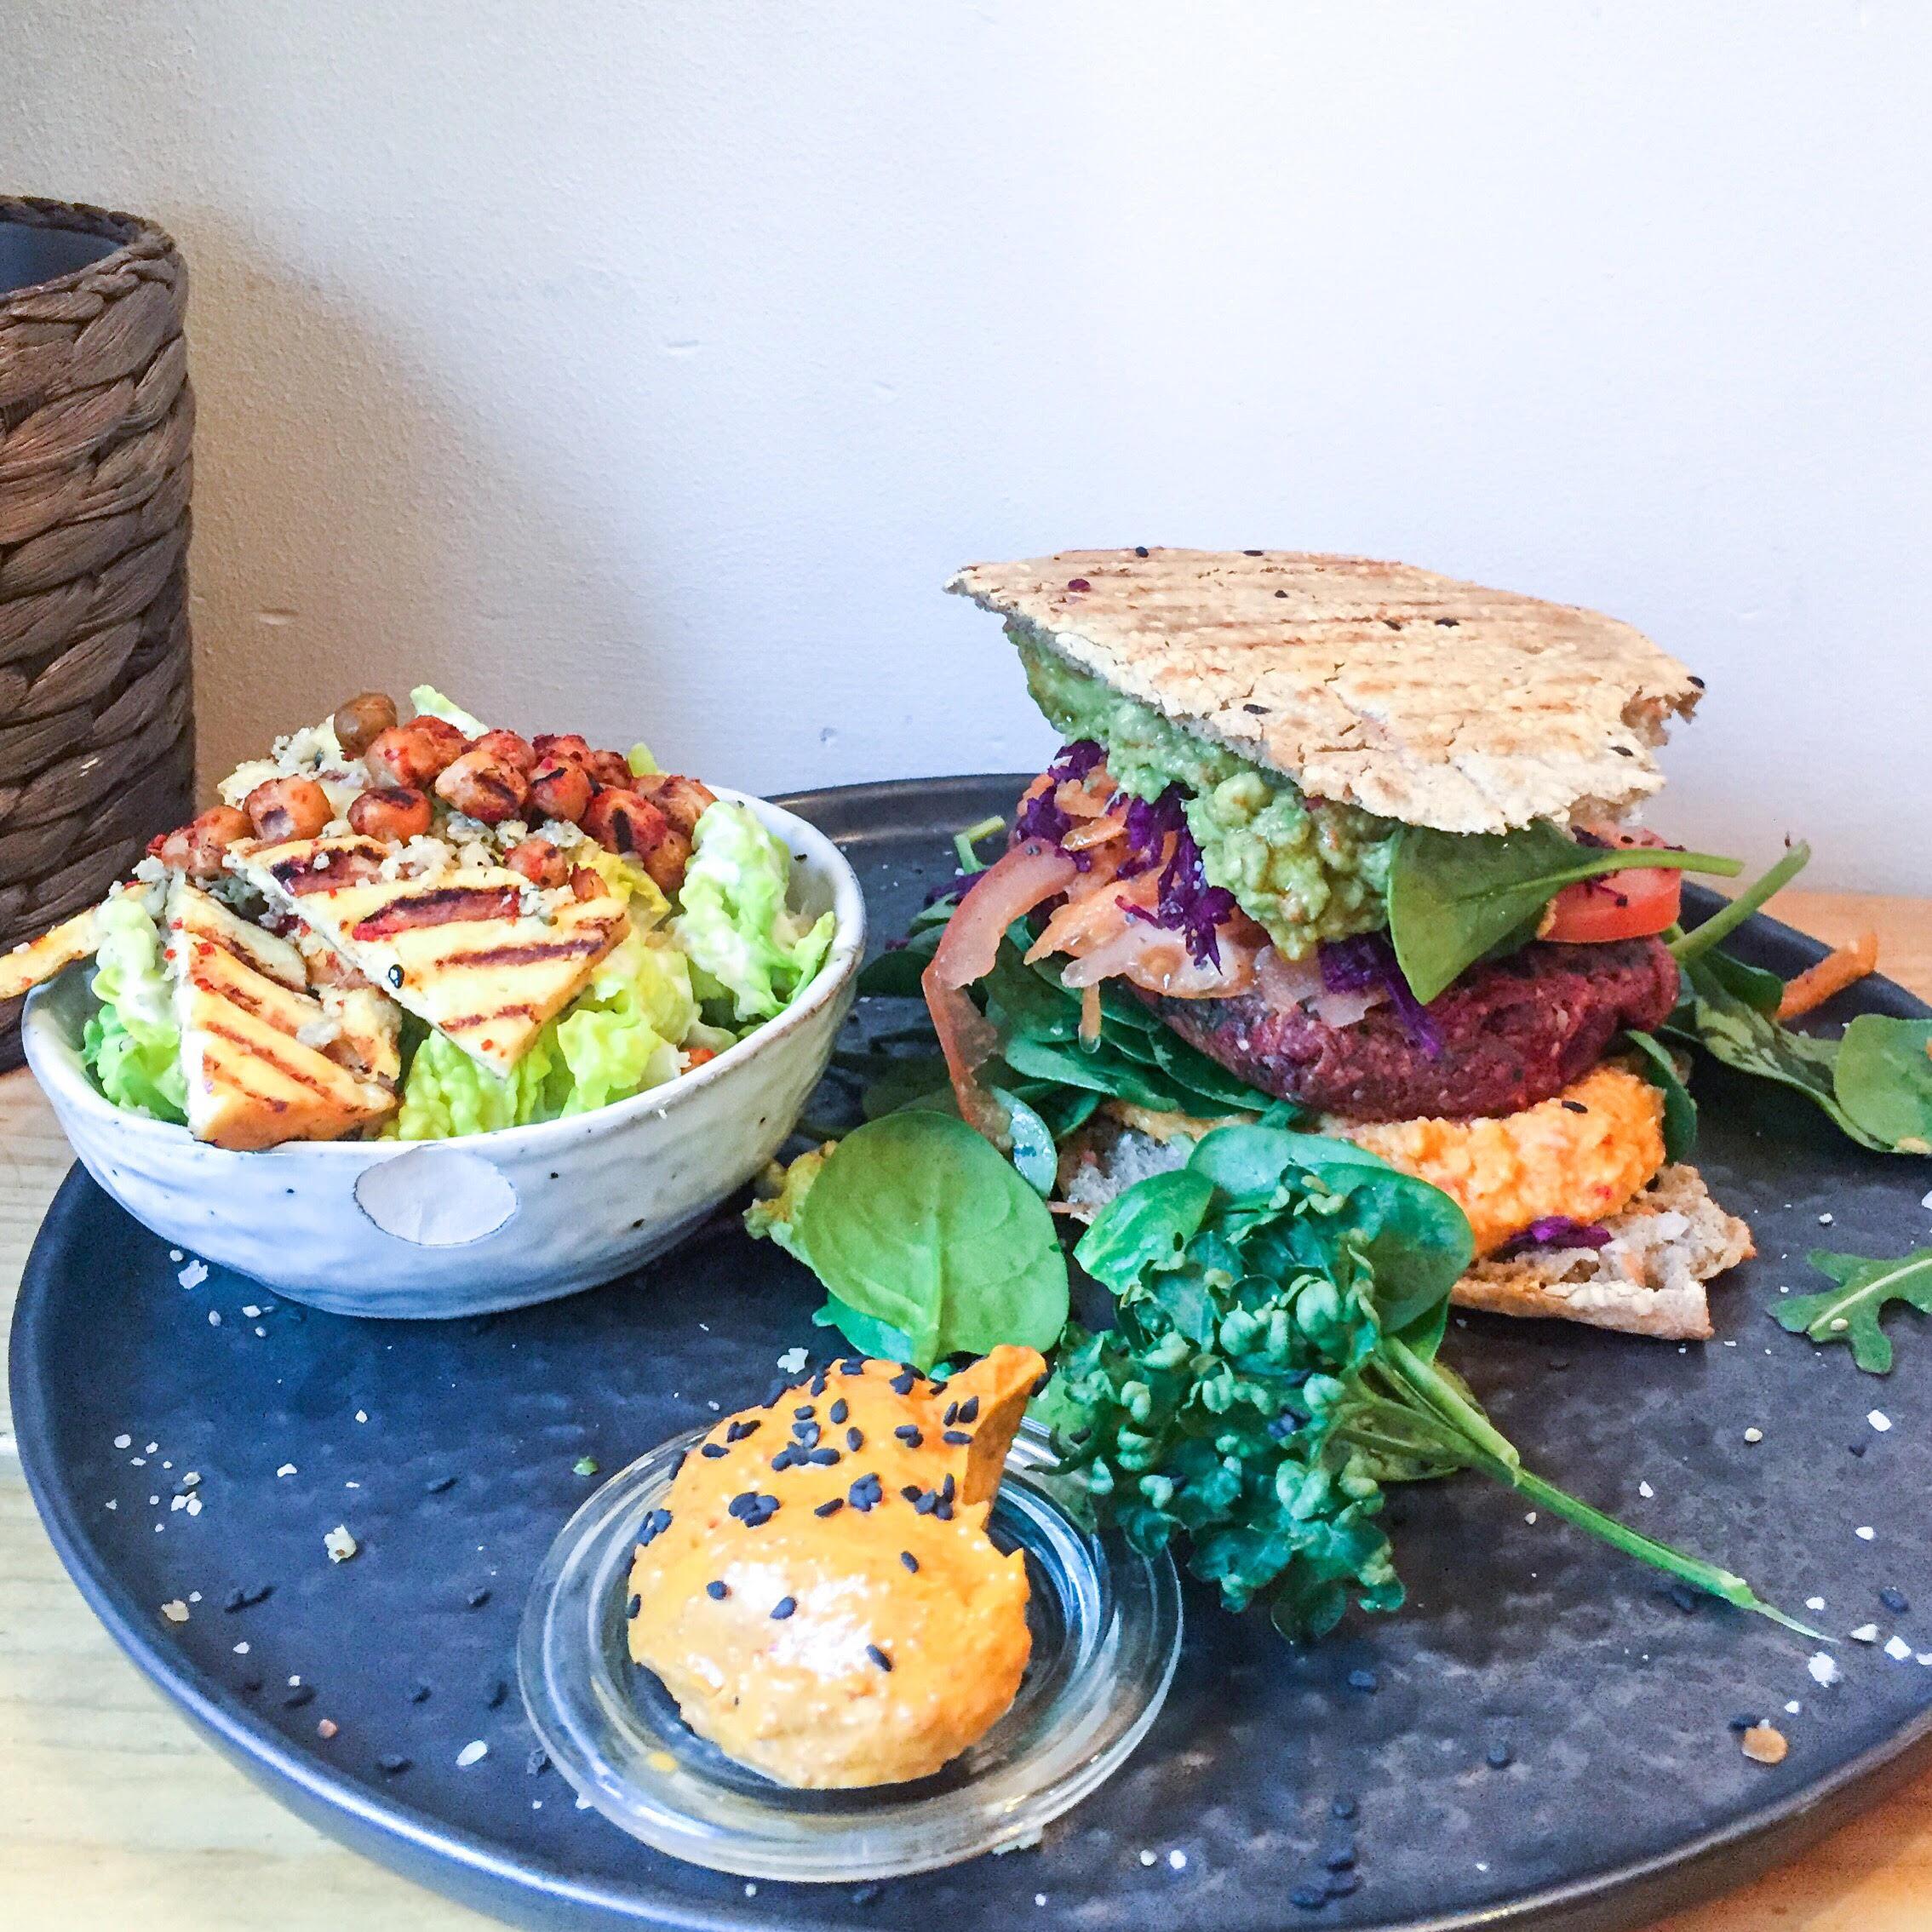 Best vegan and vegetarian food in Copenhagen - CopenhagenByMe